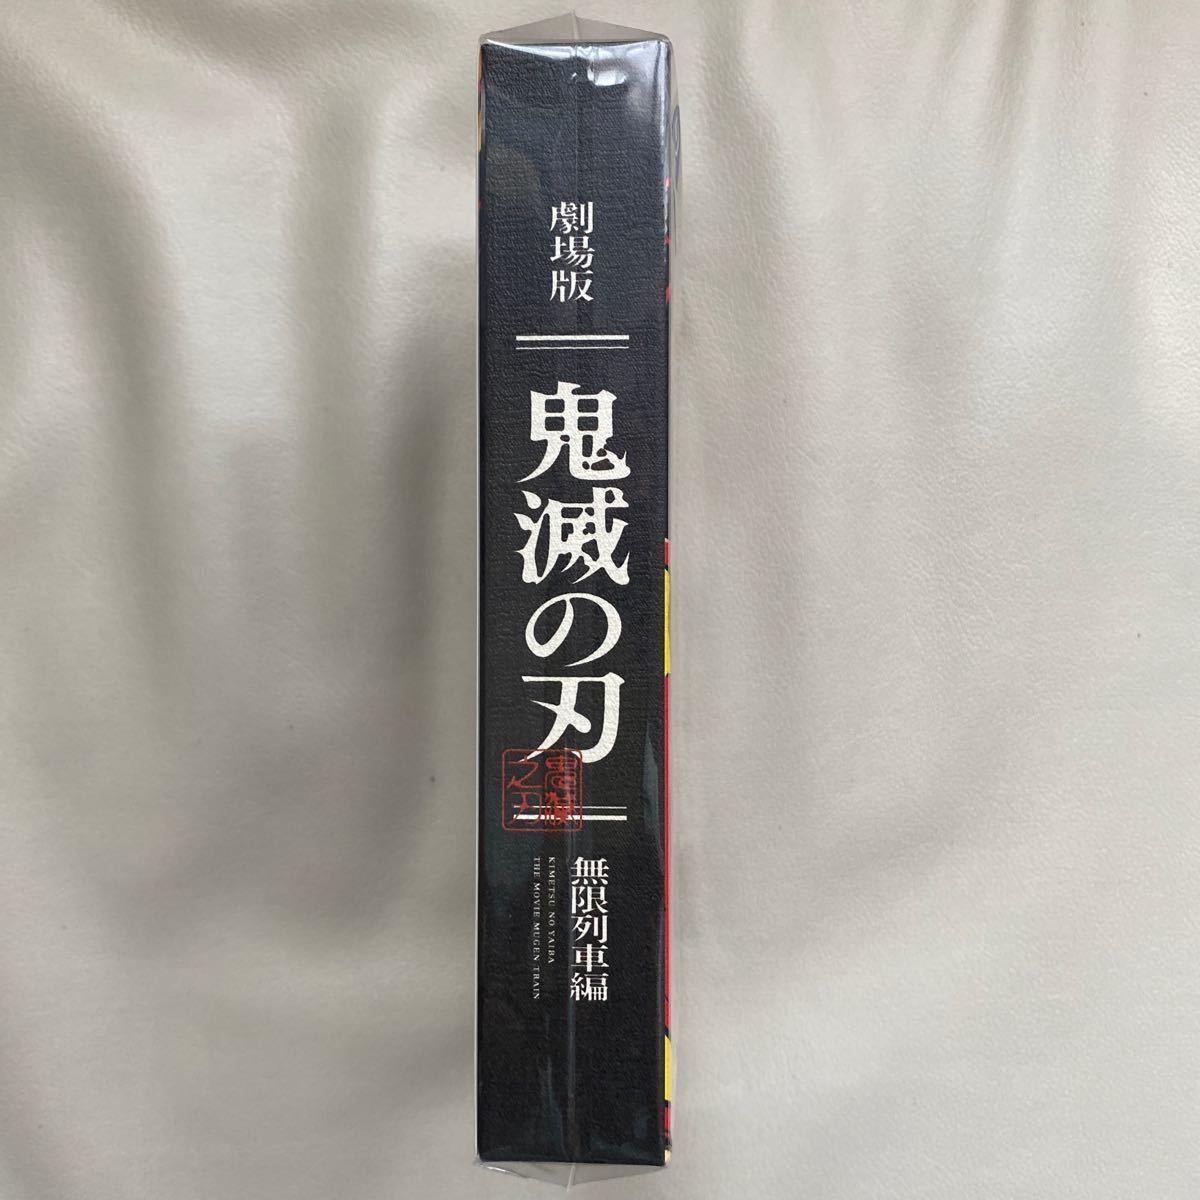 劇場版 「鬼滅の刃」 無限列車編 完全生産限定版 Blu-ray ヤマダ電機特典付き